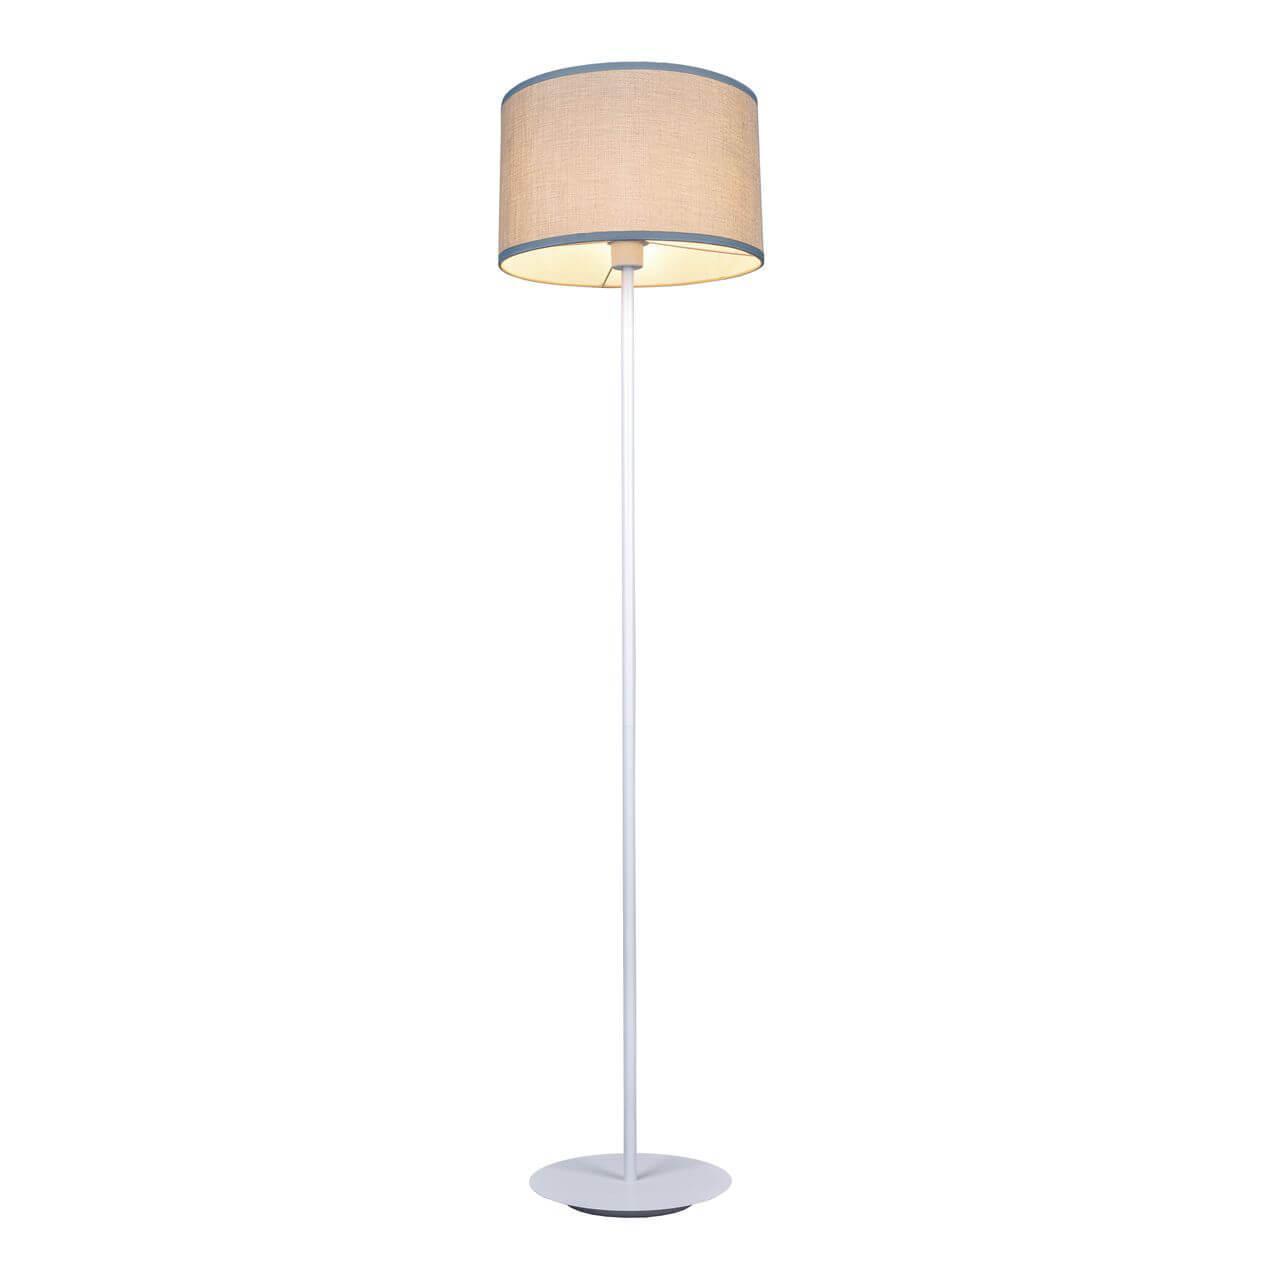 Напольный светильник Favourite 2002-1F, E27, 40 Вт все цены